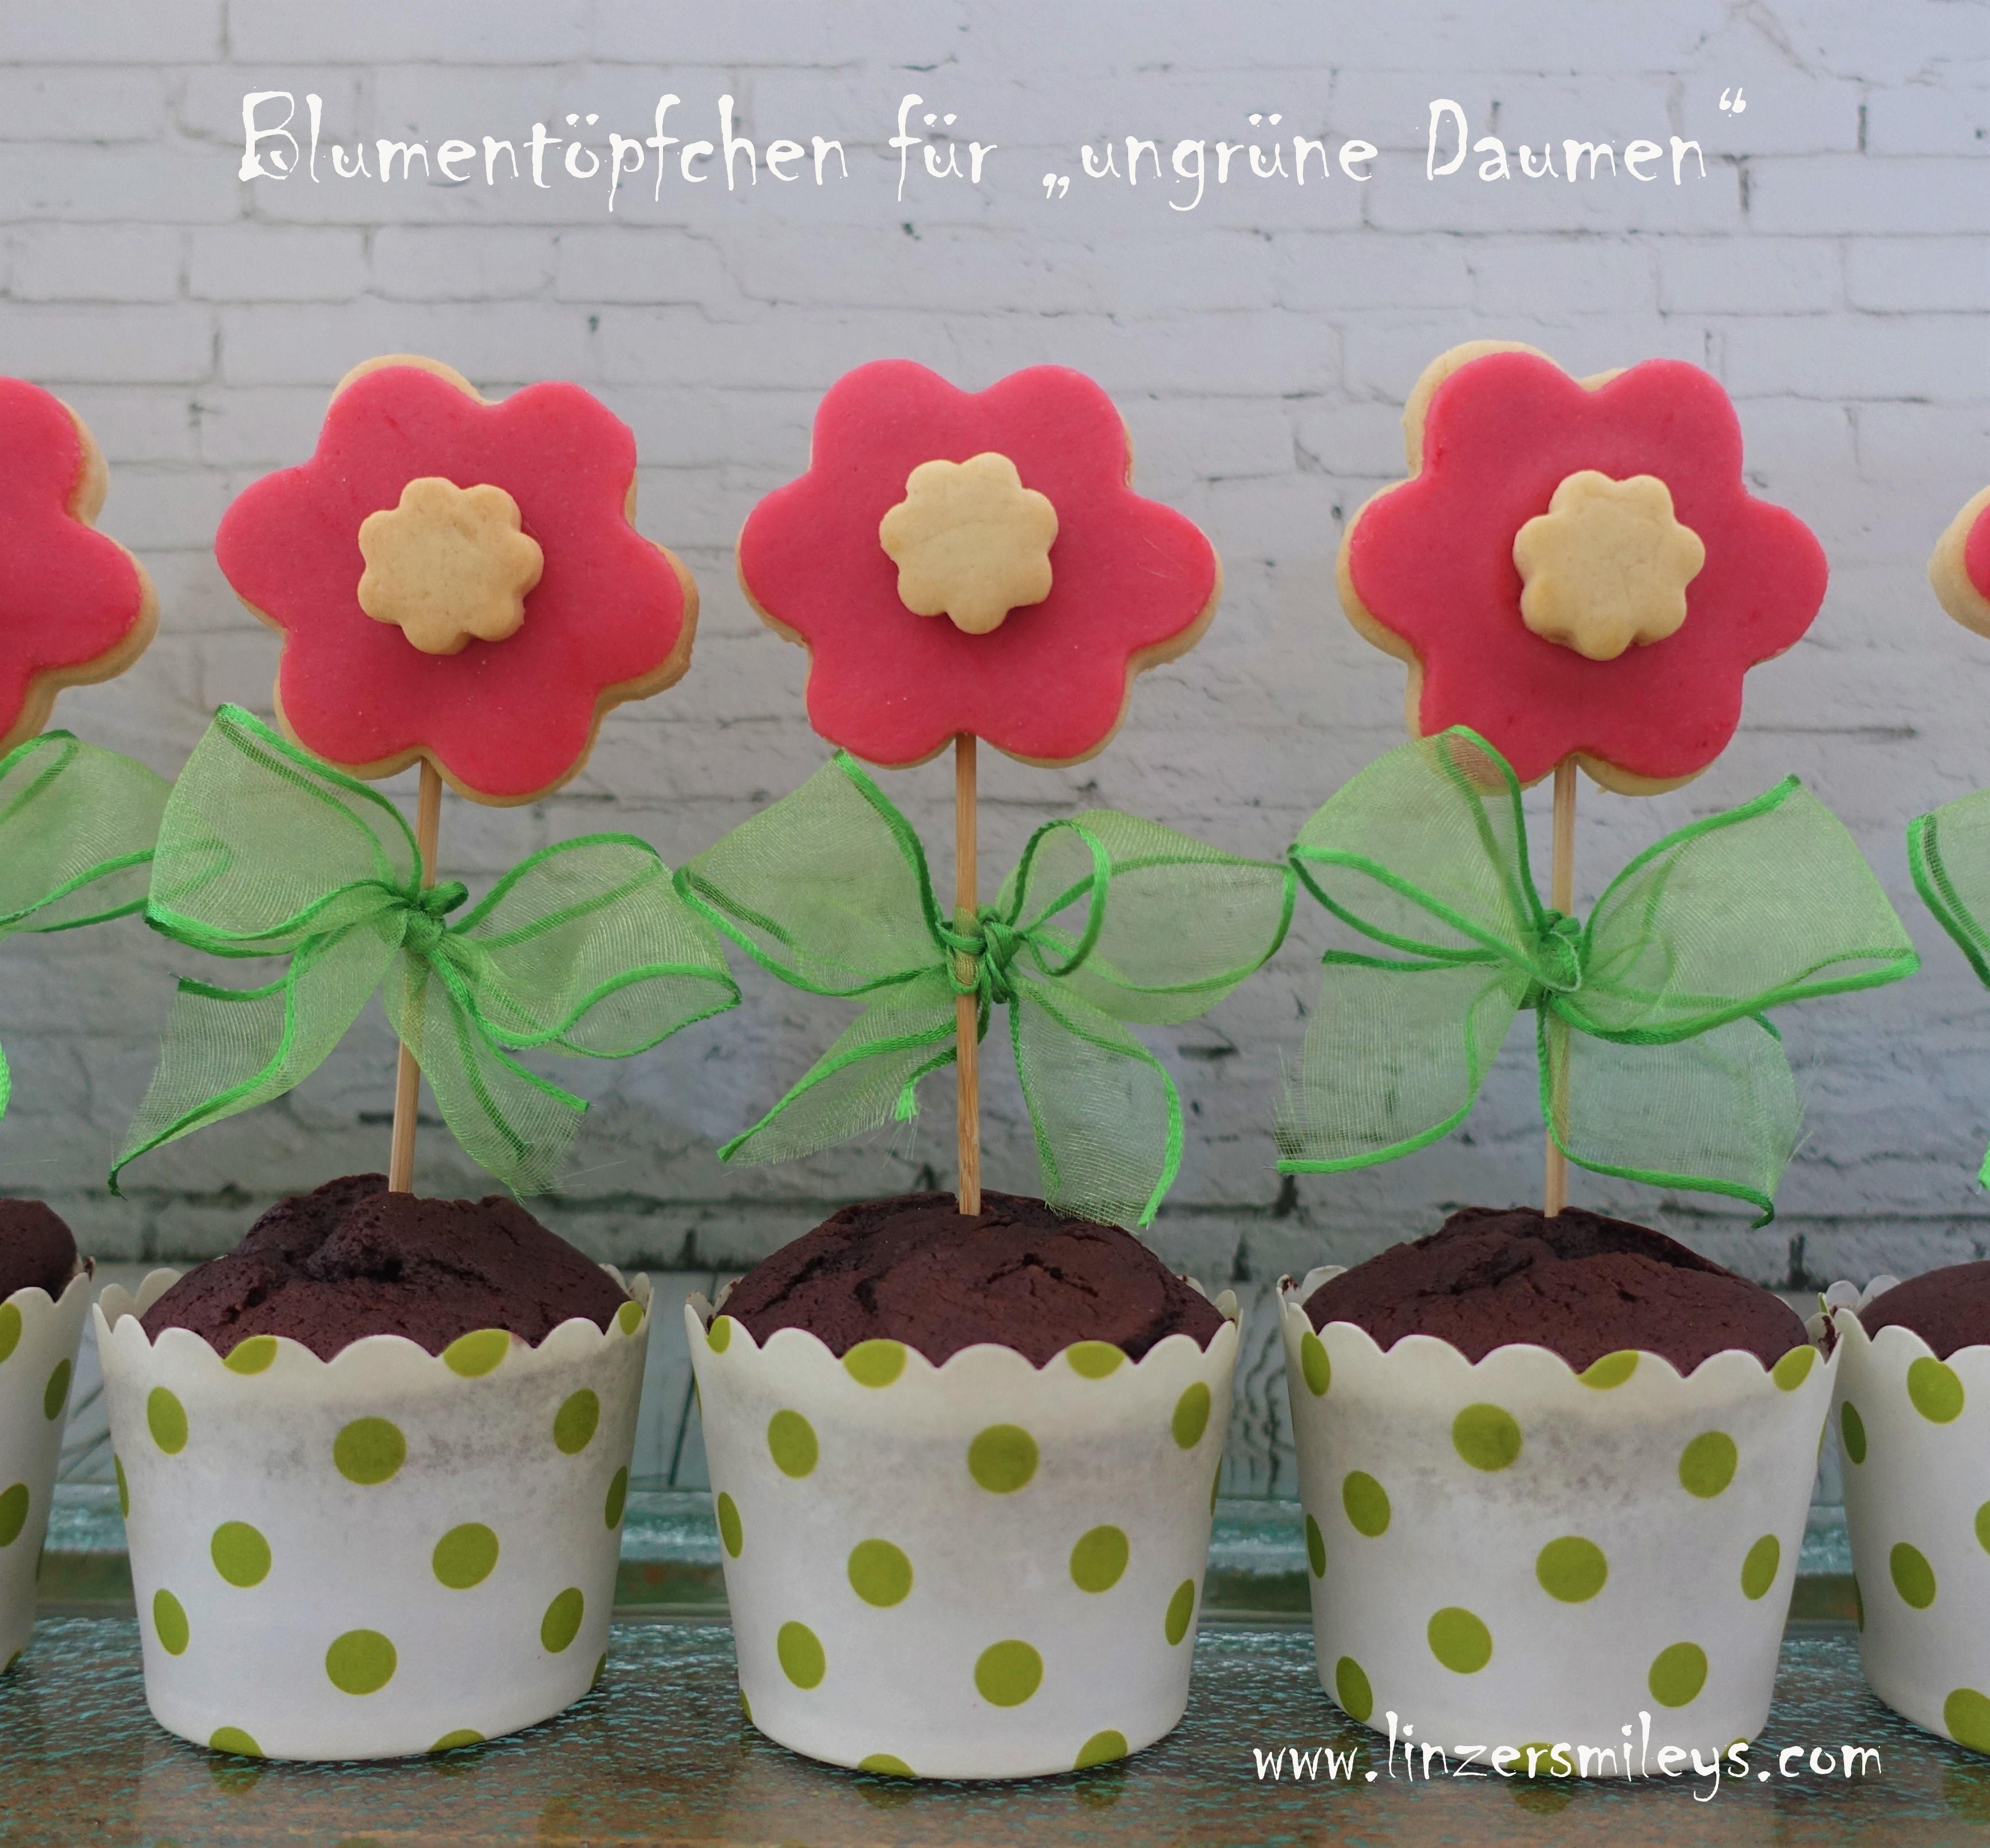 Süße Blumentöpfchen mit Keksen am Stiel, Kekslollis, kreativ, DIY, Geschenkidee, Mitbringsel, Gastgeschenk, selbst gemacht, für jeden Anlass, süße Blumen, zum Verschenken, Rezeptidee von Daniela Terenzi, #linzersmileys Schokomuffins als Blumentöpfchen